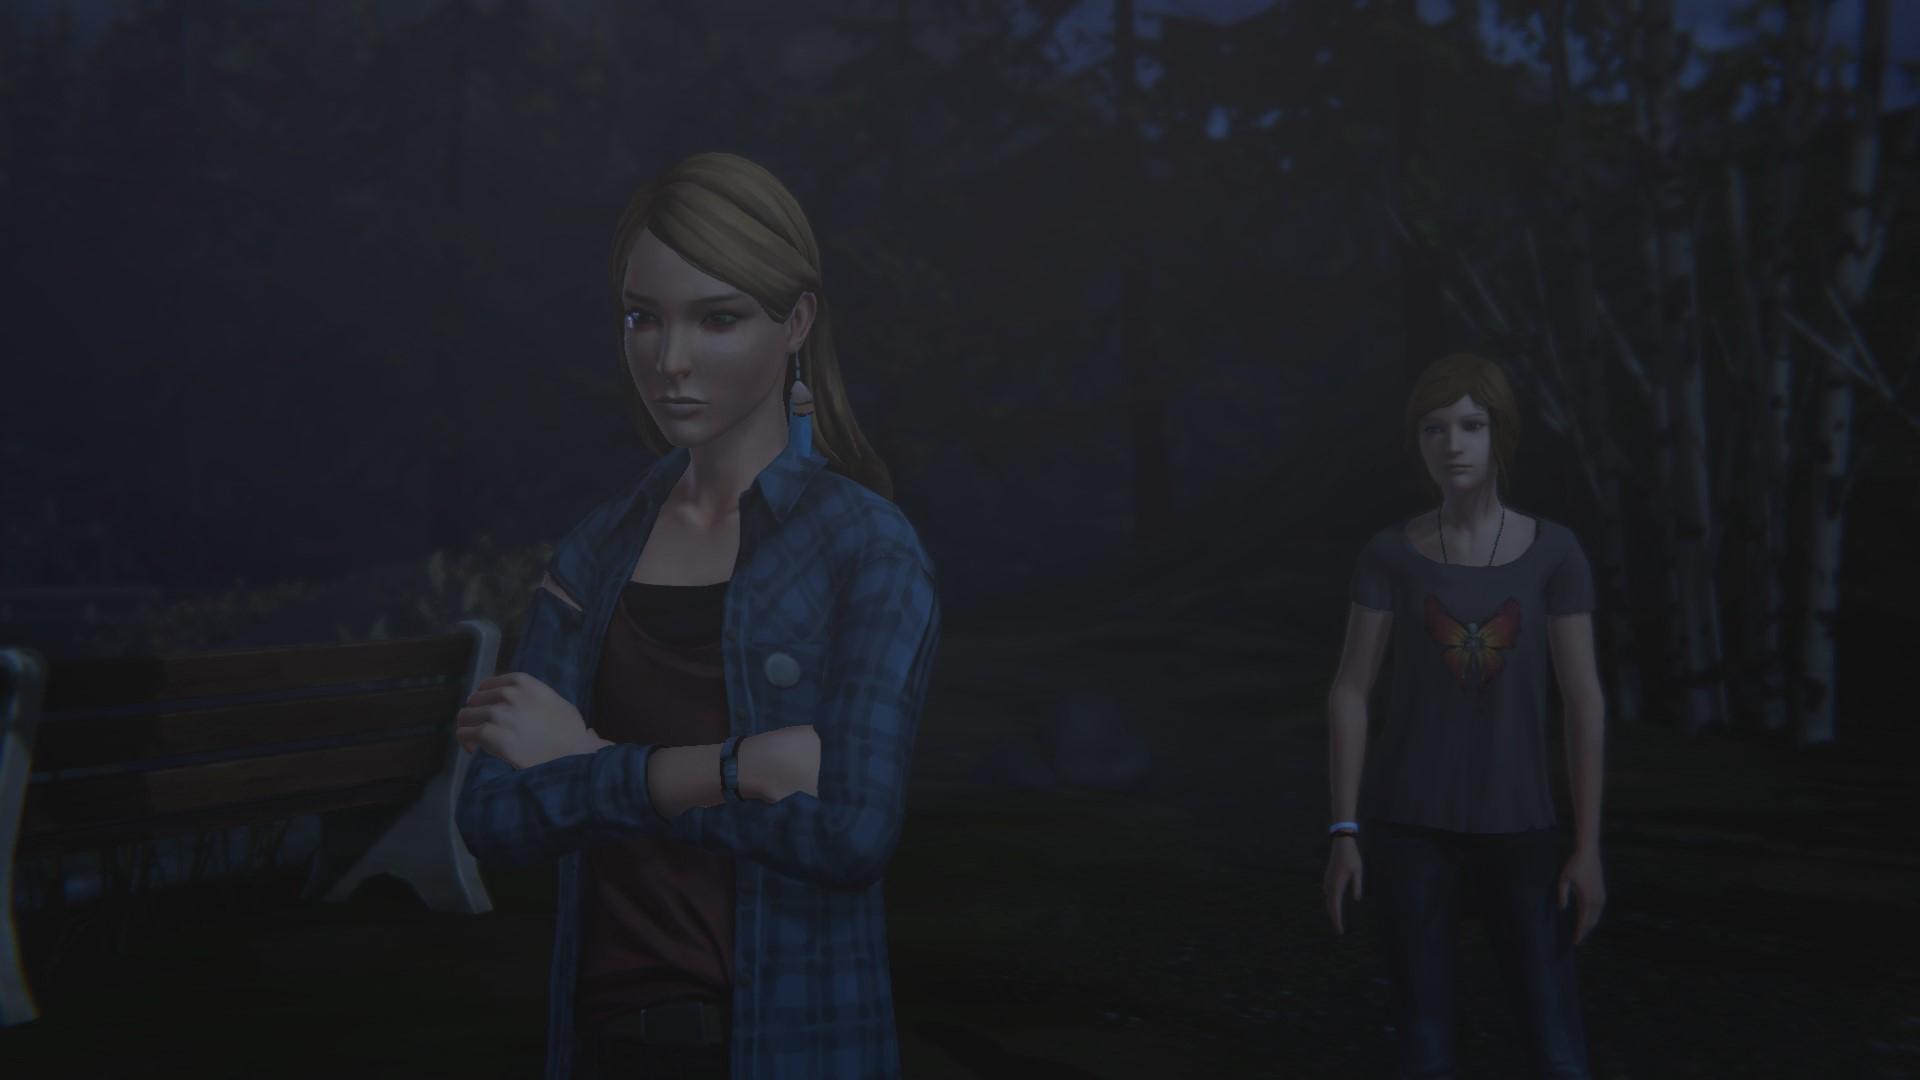 Ponownie spotkasz się z Rachel - Rozdział 5 | Solucja | Epizod 1 - Awake - Life Is Strange: Before the Storm - poradnik do gry